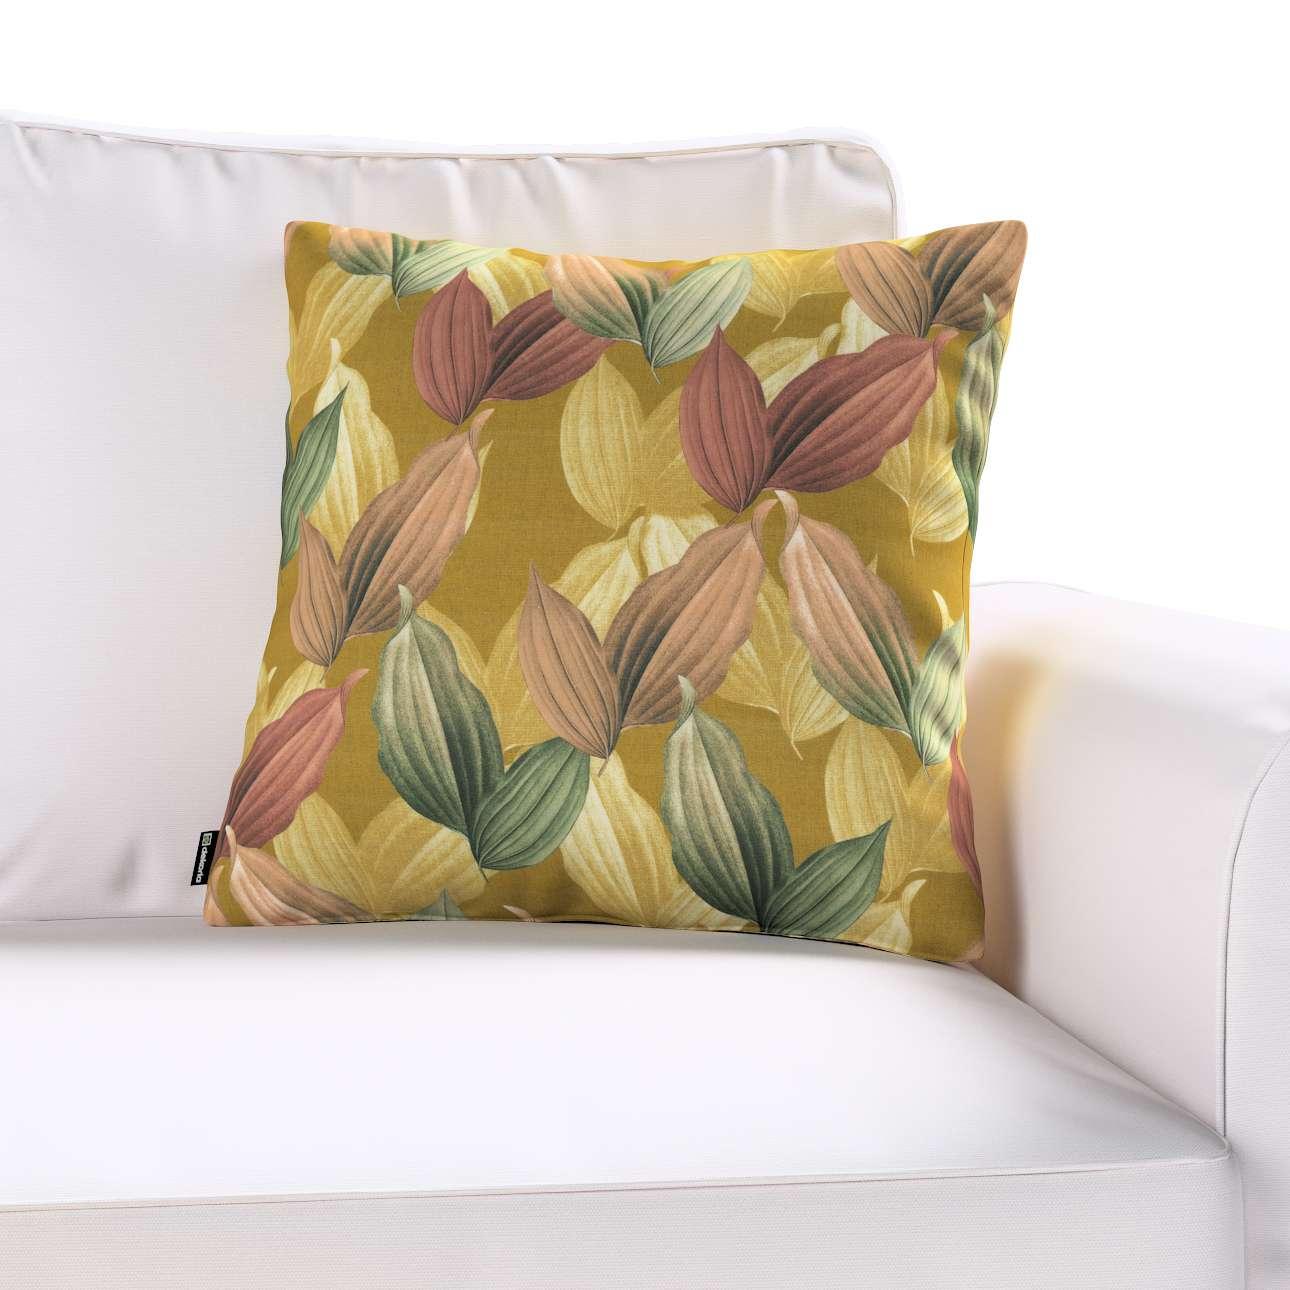 Poszewka Kinga na poduszkę w kolekcji Abigail, tkanina: 143-22